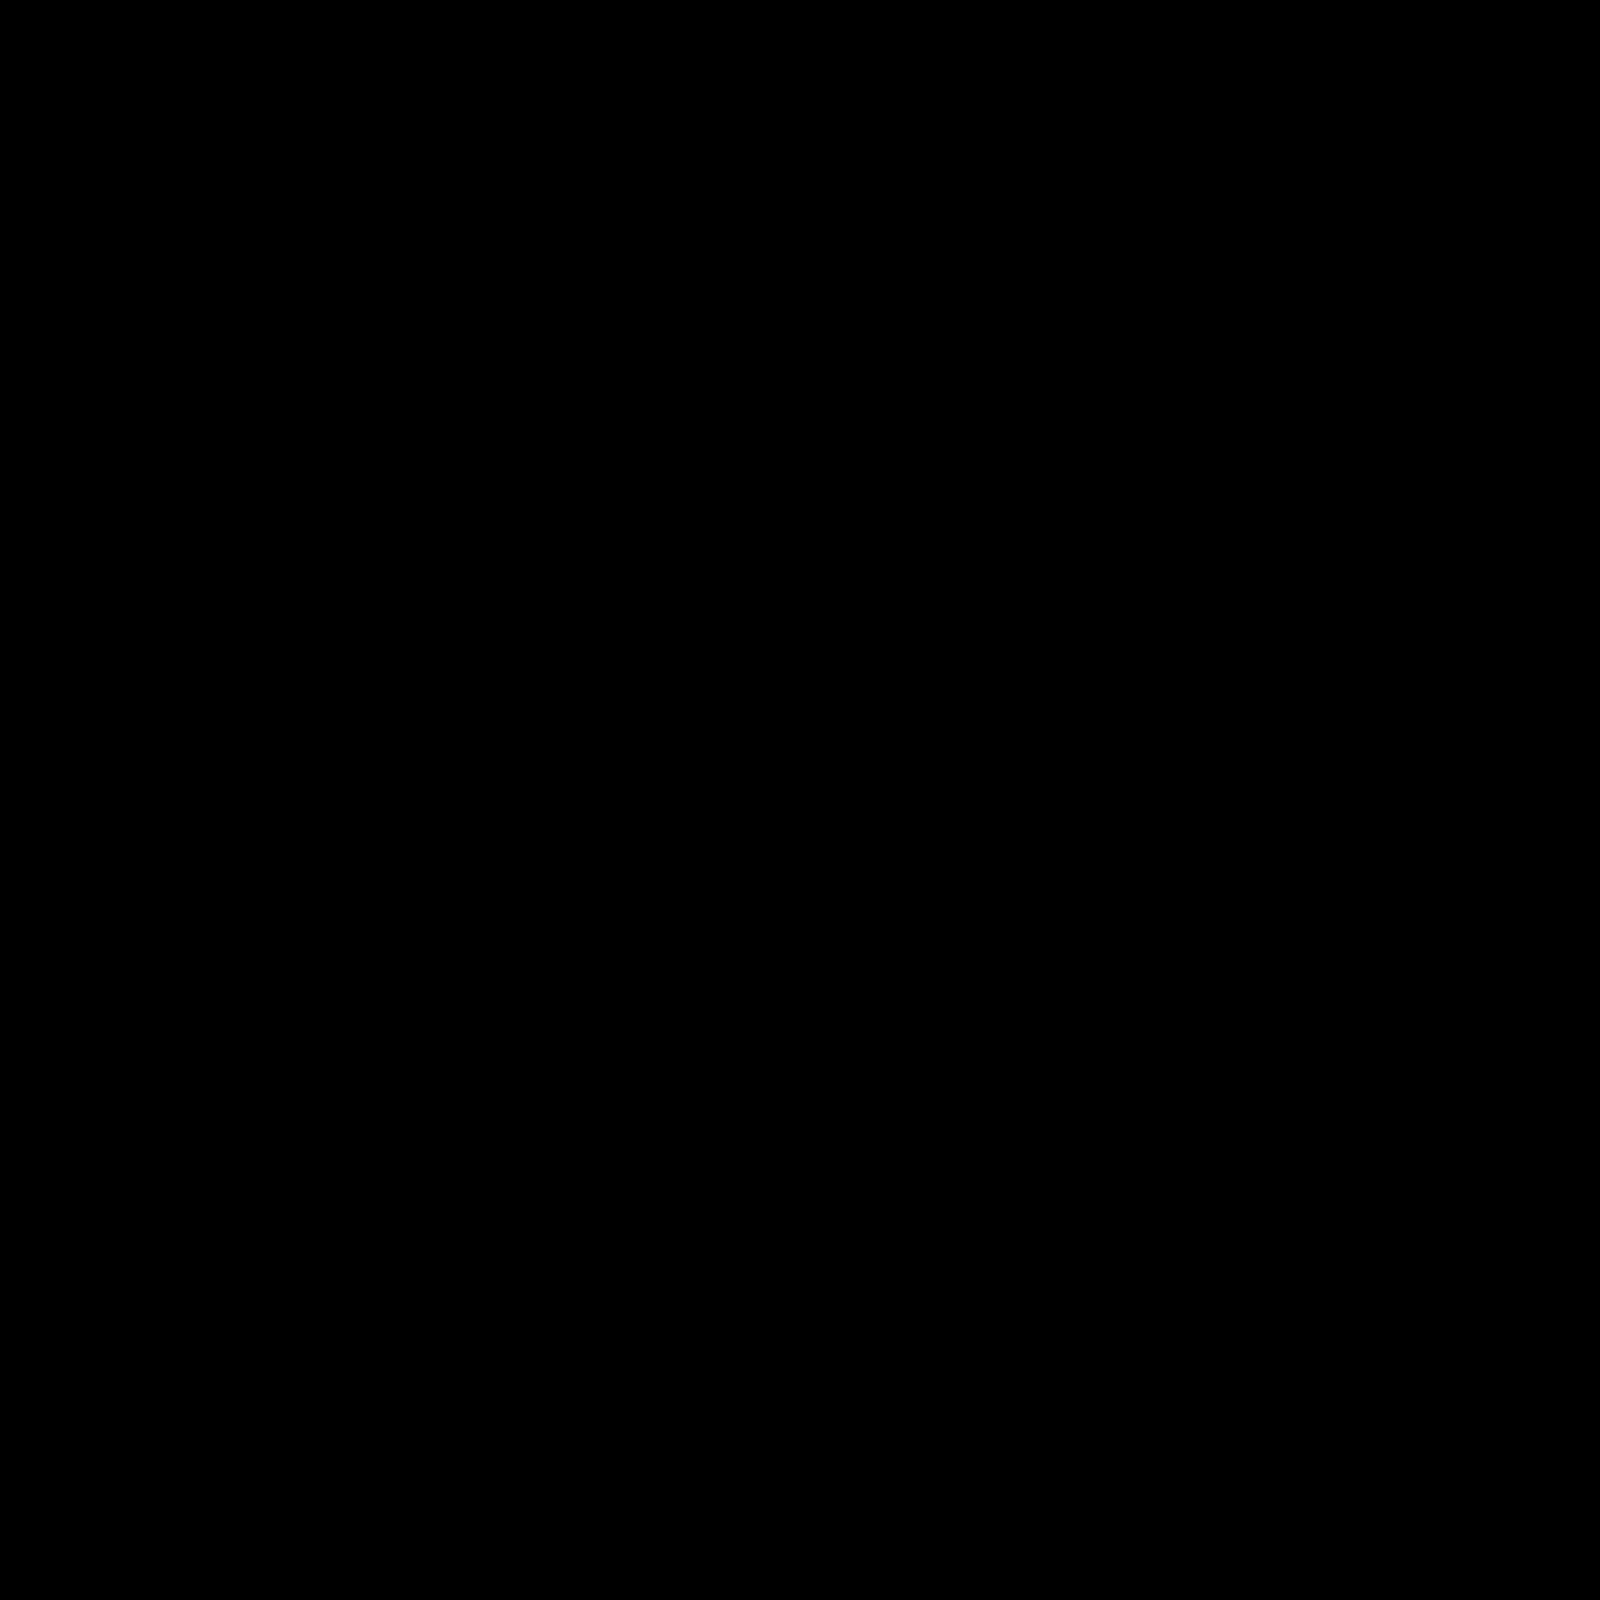 Piccolo Filled icon